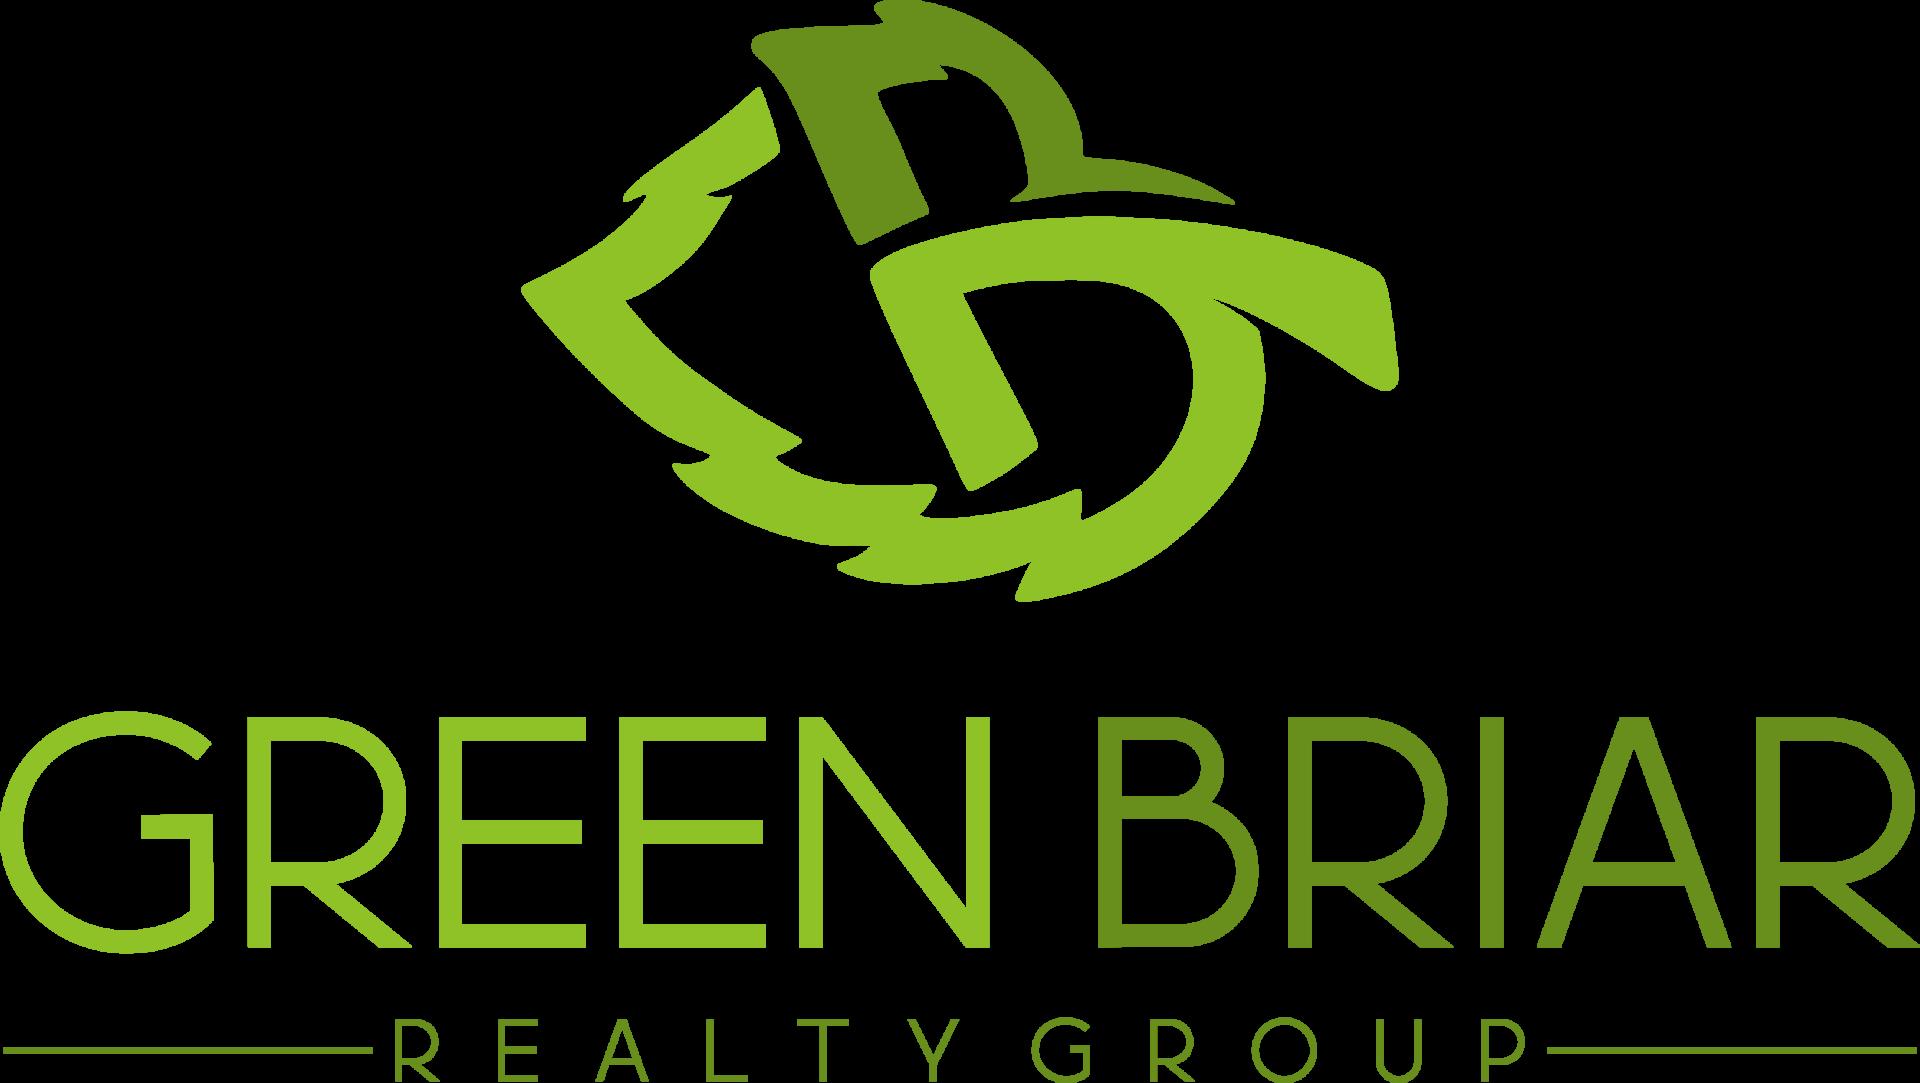 Green Briar Realty Group  logo